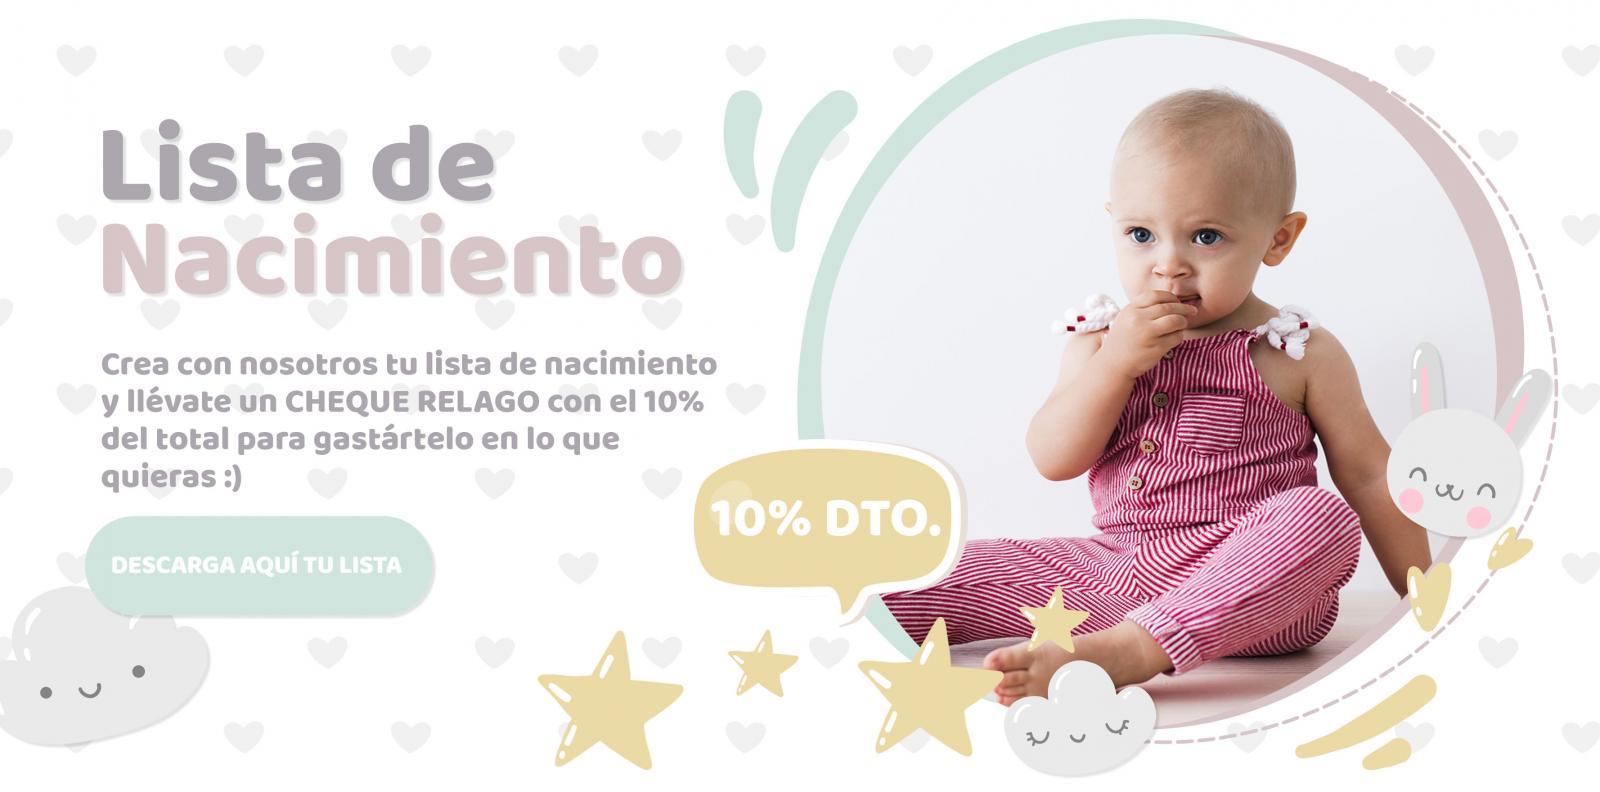 lista-de-nacimiento-bebemalaga